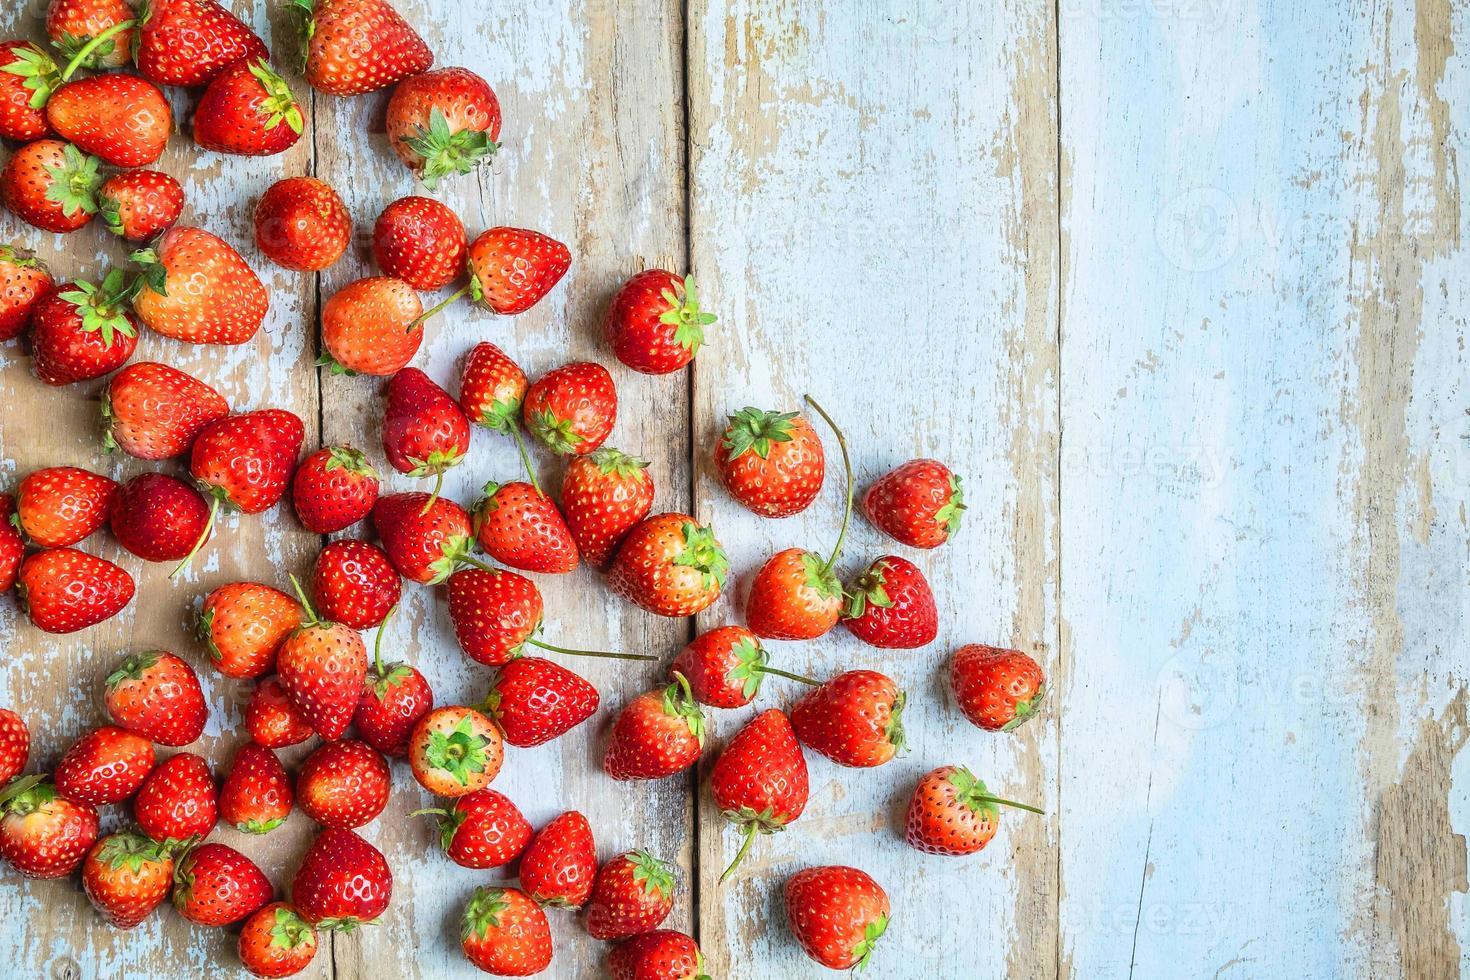 manojo de fresas en una mesa foto